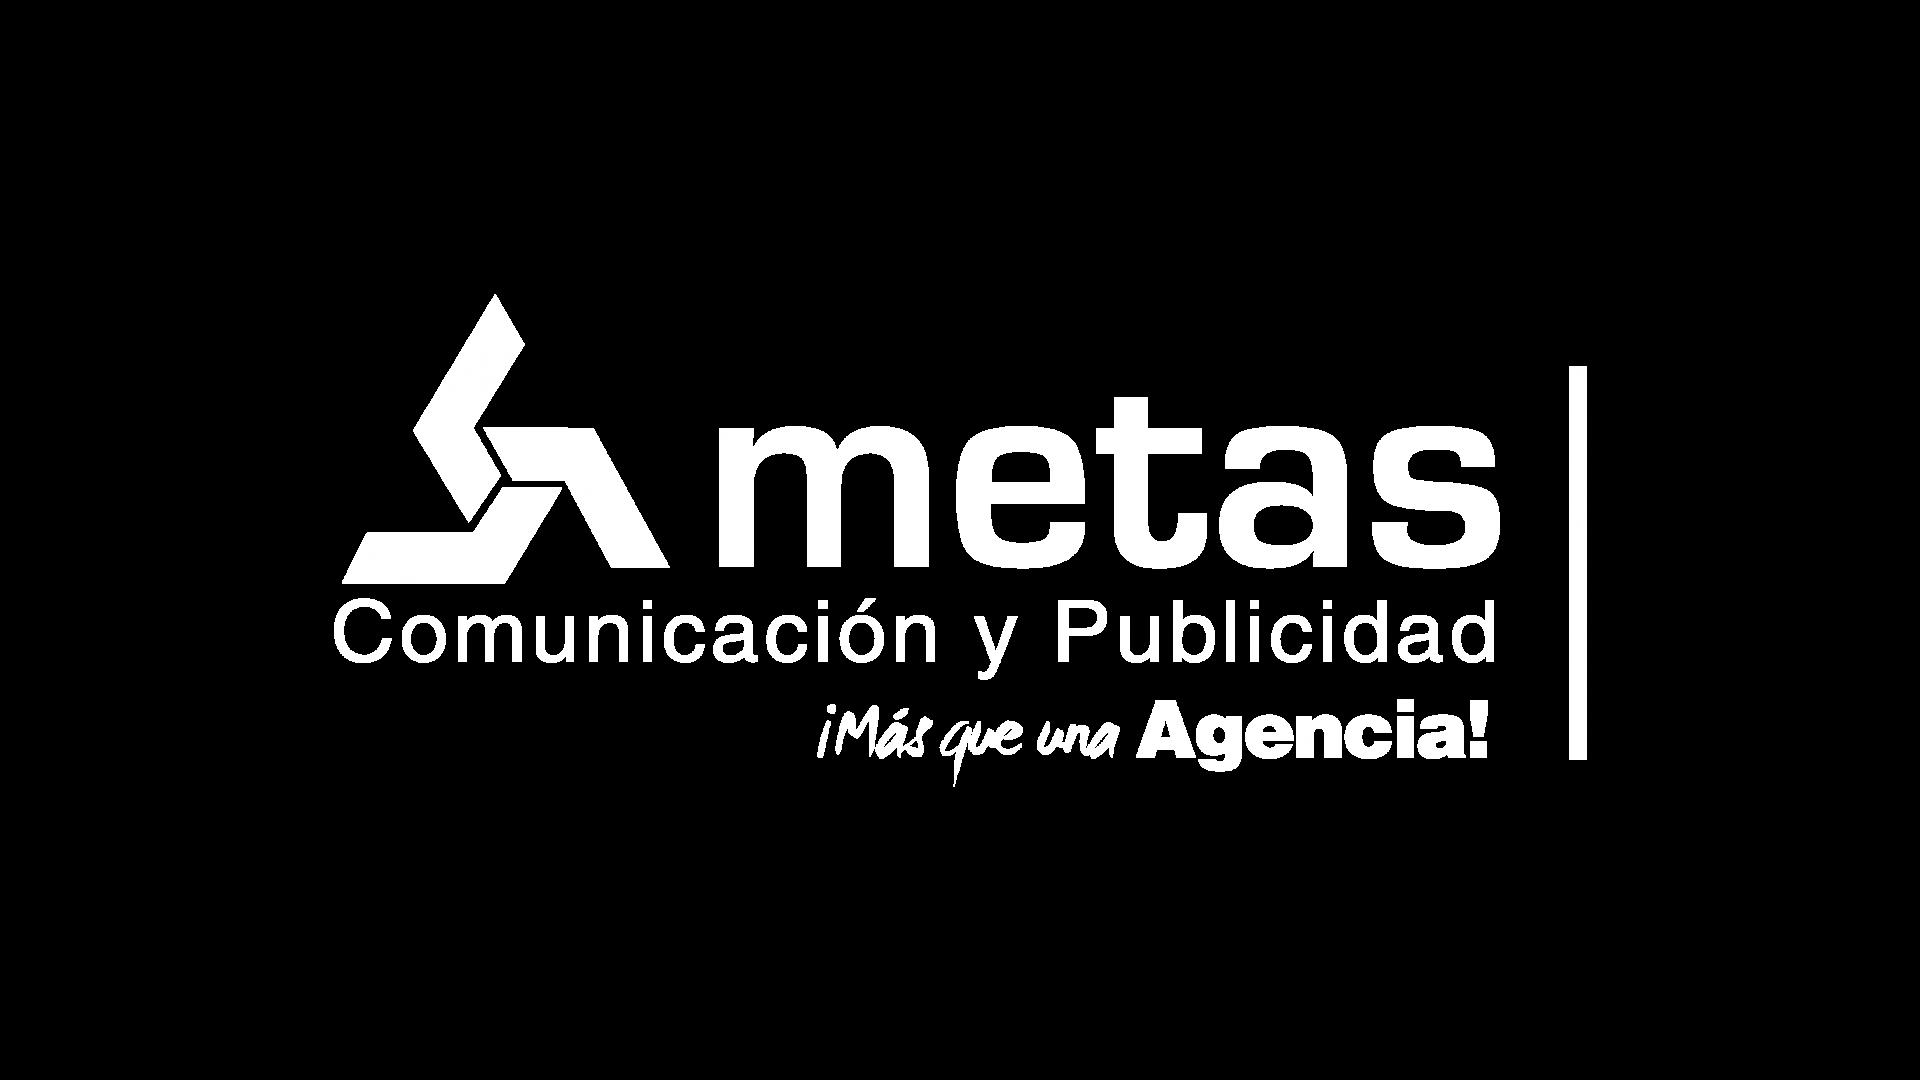 Metas Comunicacion y Publicidad